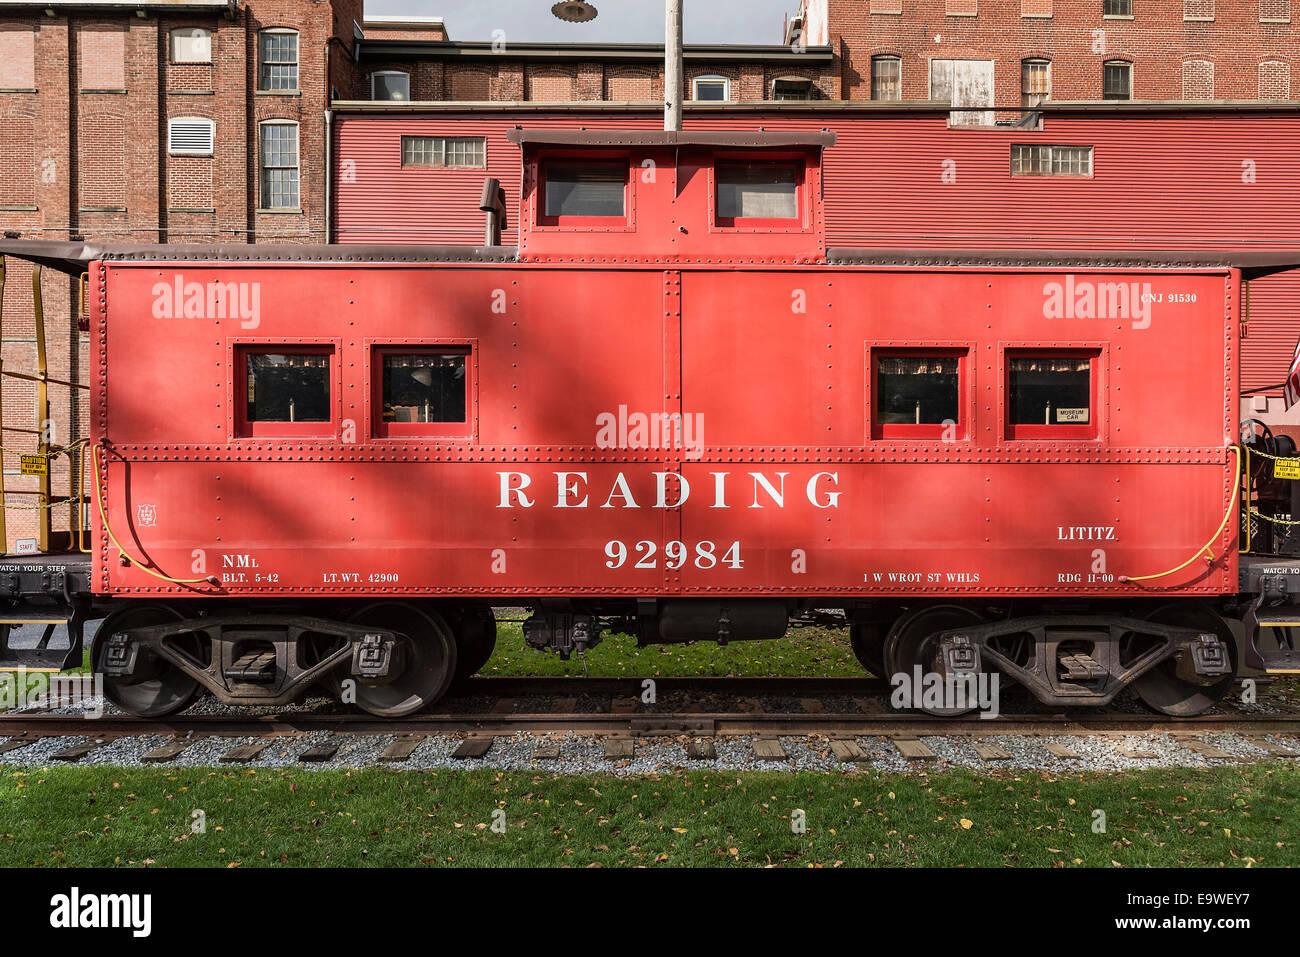 Lecture historique Railroad train voiture, Lititz, Pennsylvania, USA Banque D'Images